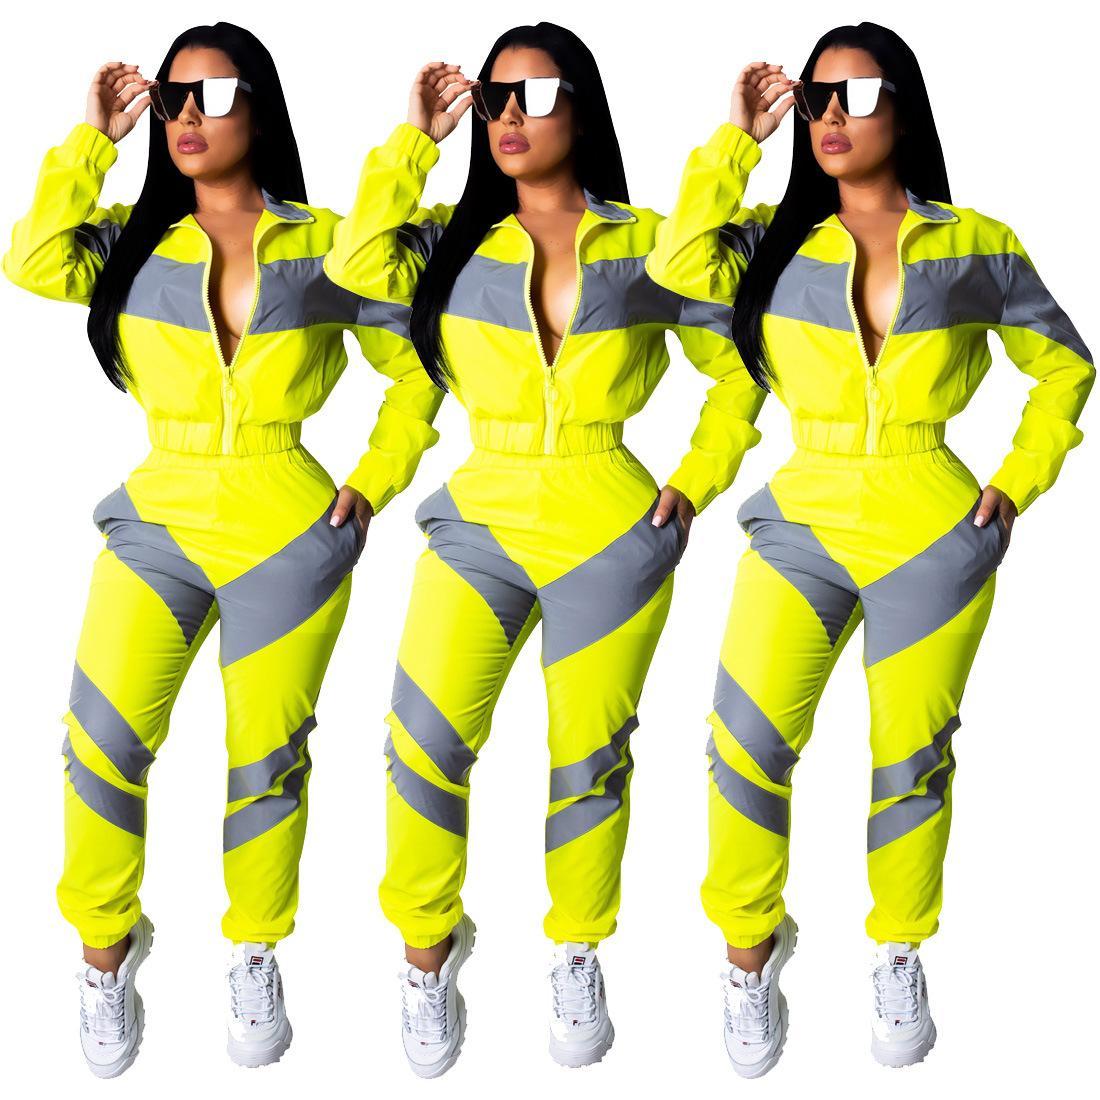 Лоскутное Zipper Tracksuit Женщины Полосатый молнии куртки Брюки 2pcs / комплект с длинным рукавом пальто Открытый Спортивная Jogger Спортивный костюм 30sets O-OA6520